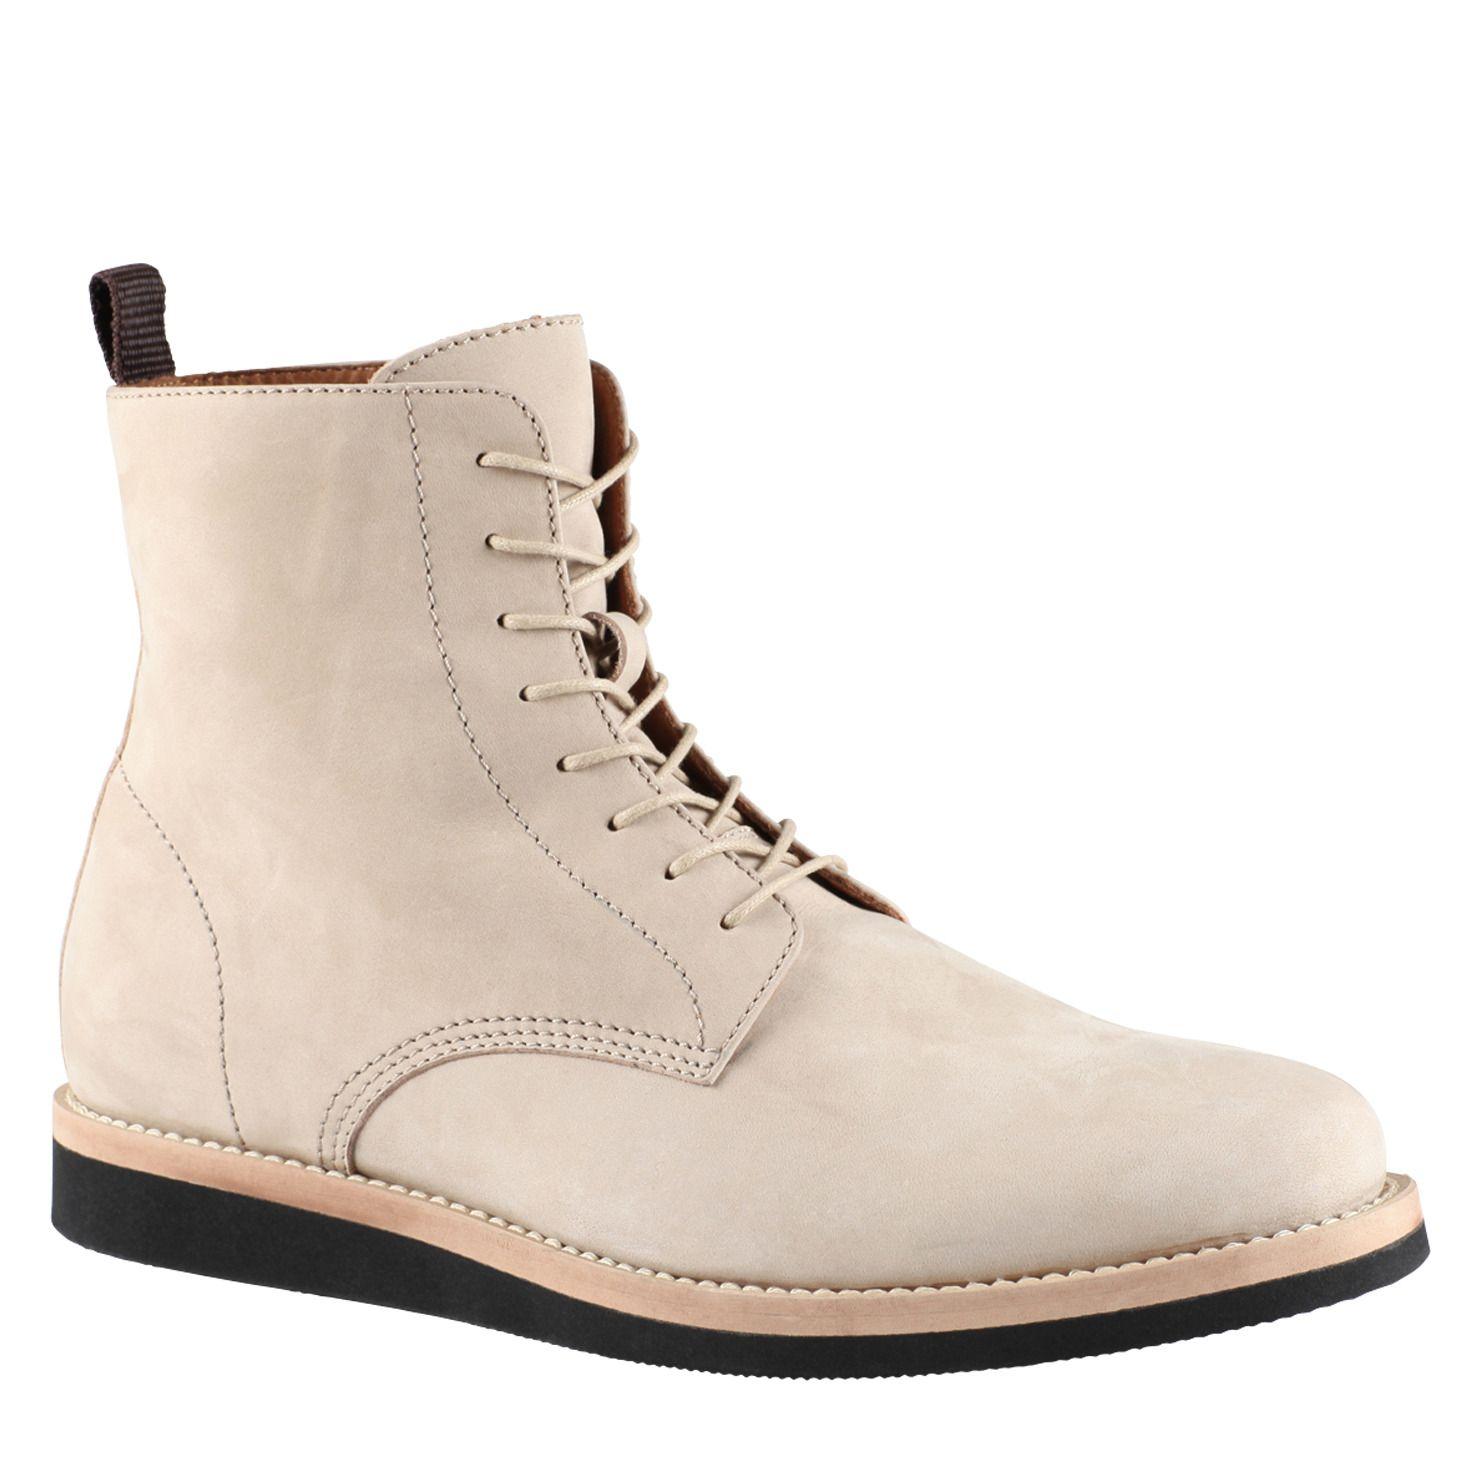 FULBERT - sale's sale boots men for sale at ALDO Shoes. | Men's ...